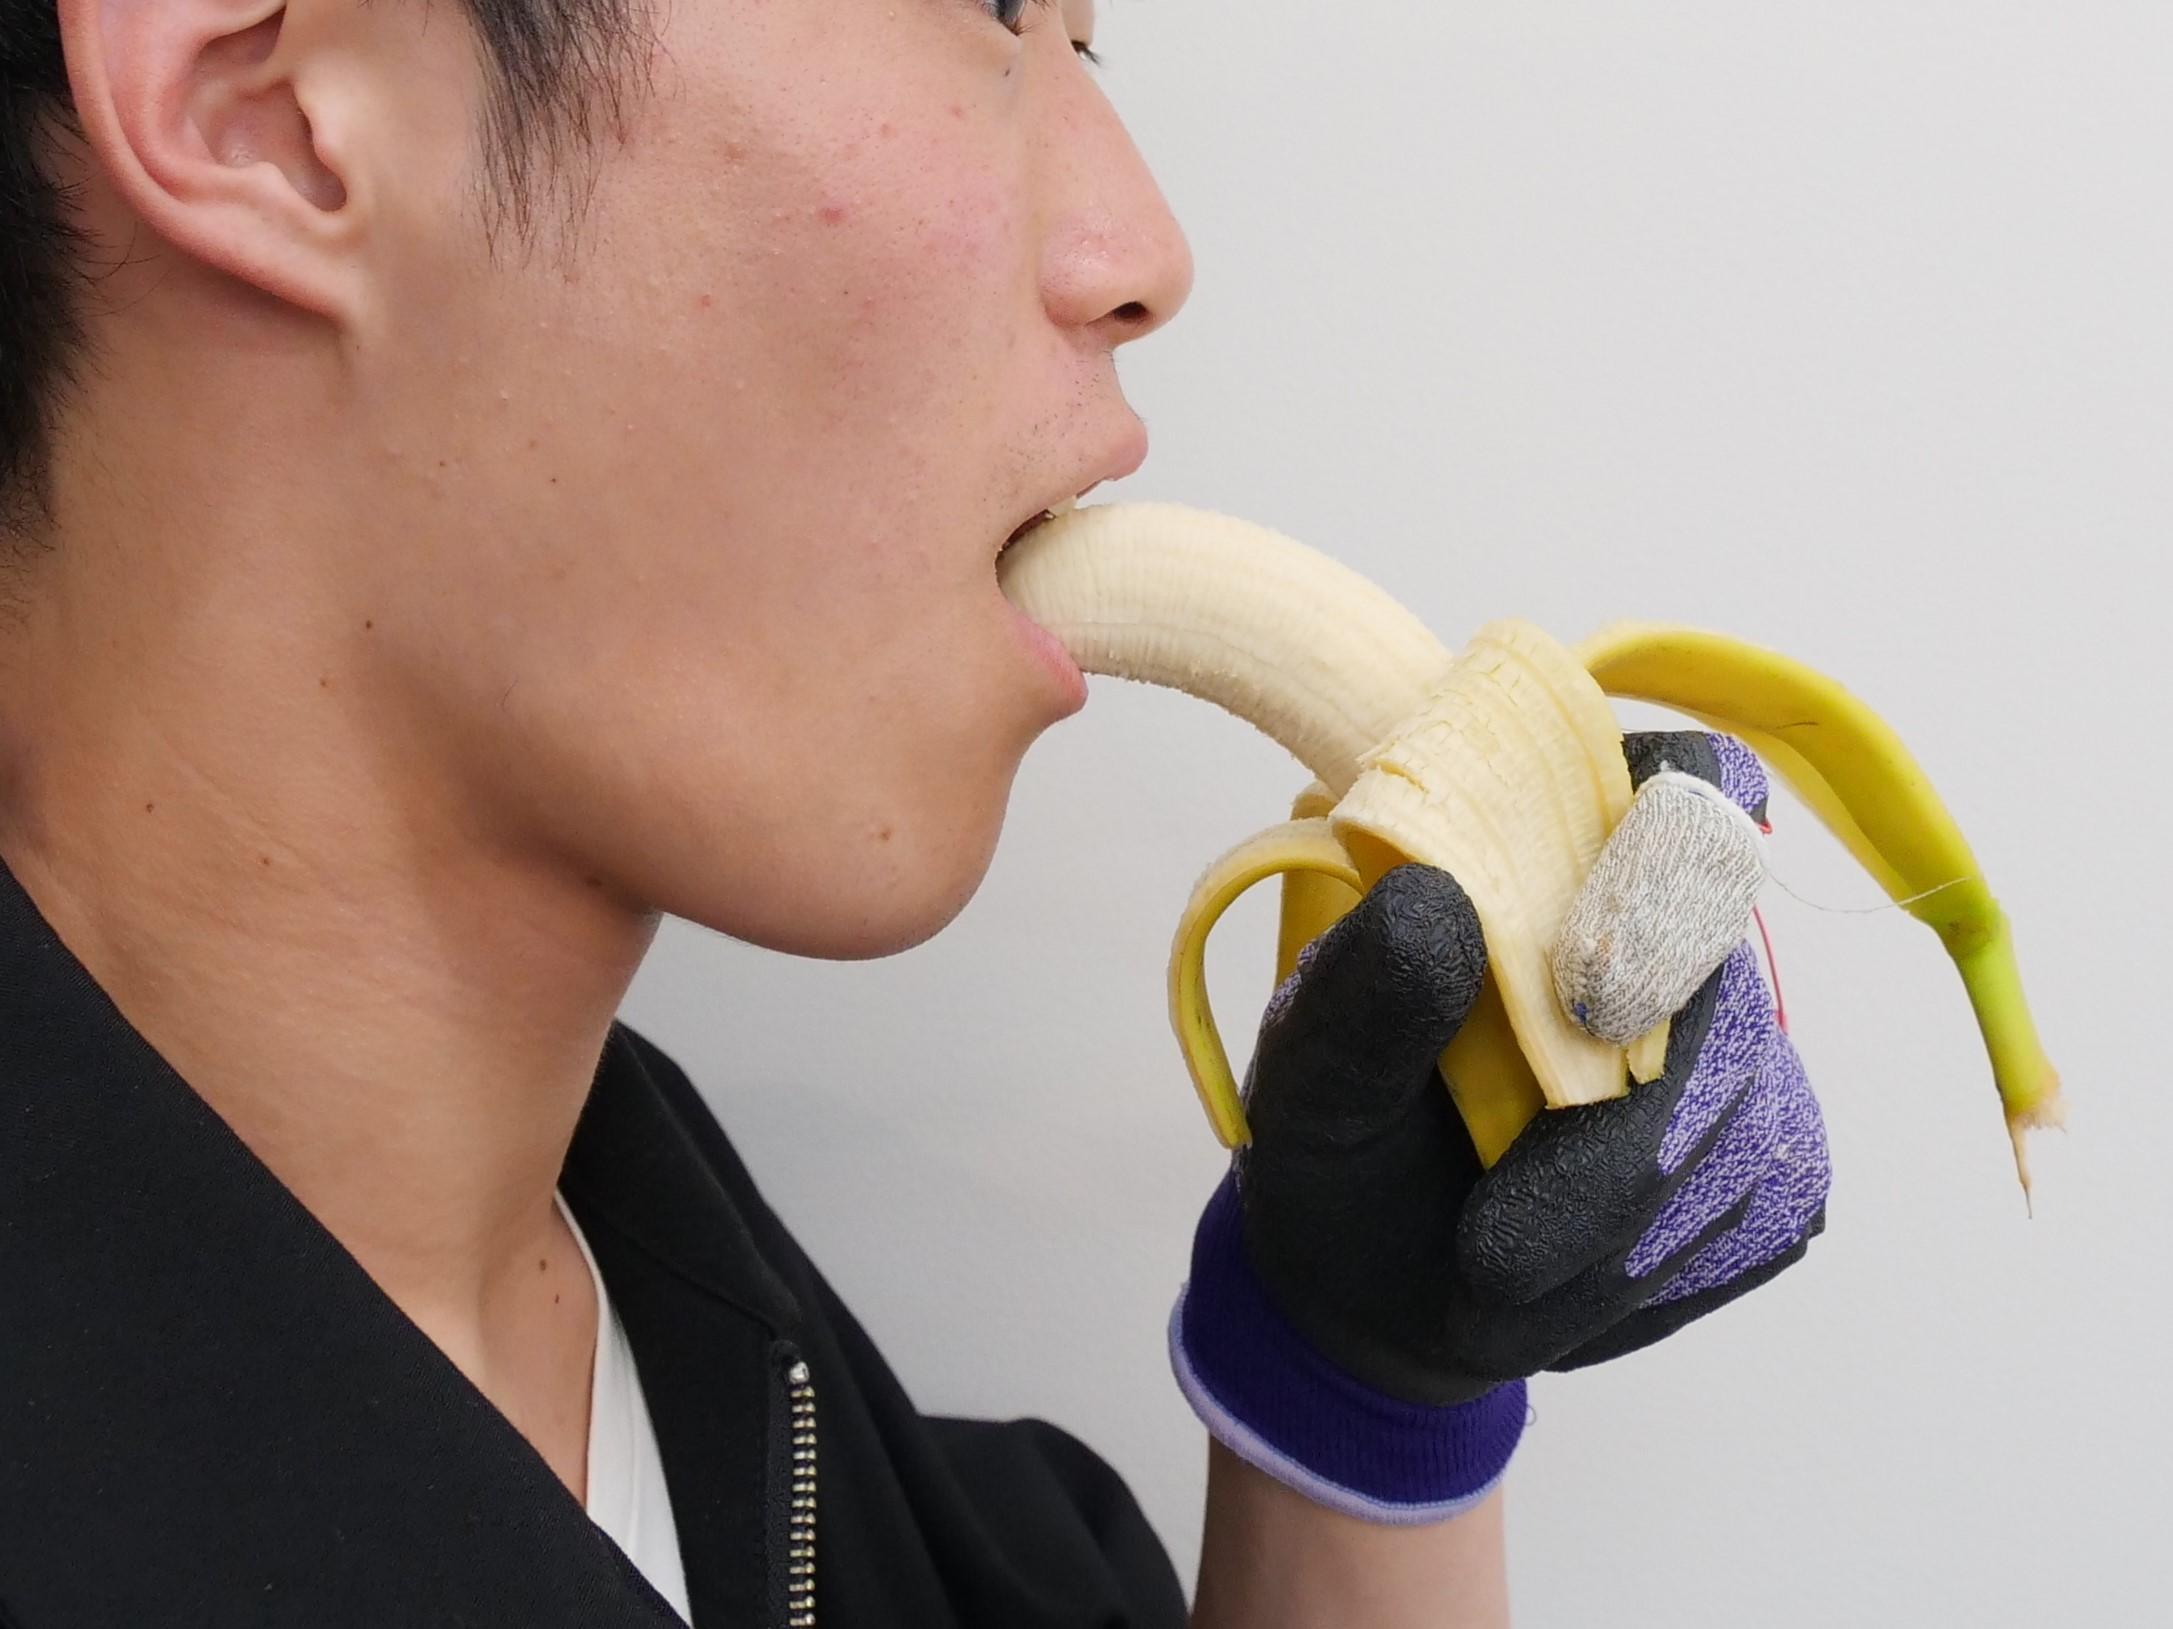 総合数理学部 宮下芳明研究室「食べ物の味を変える手袋」を開発